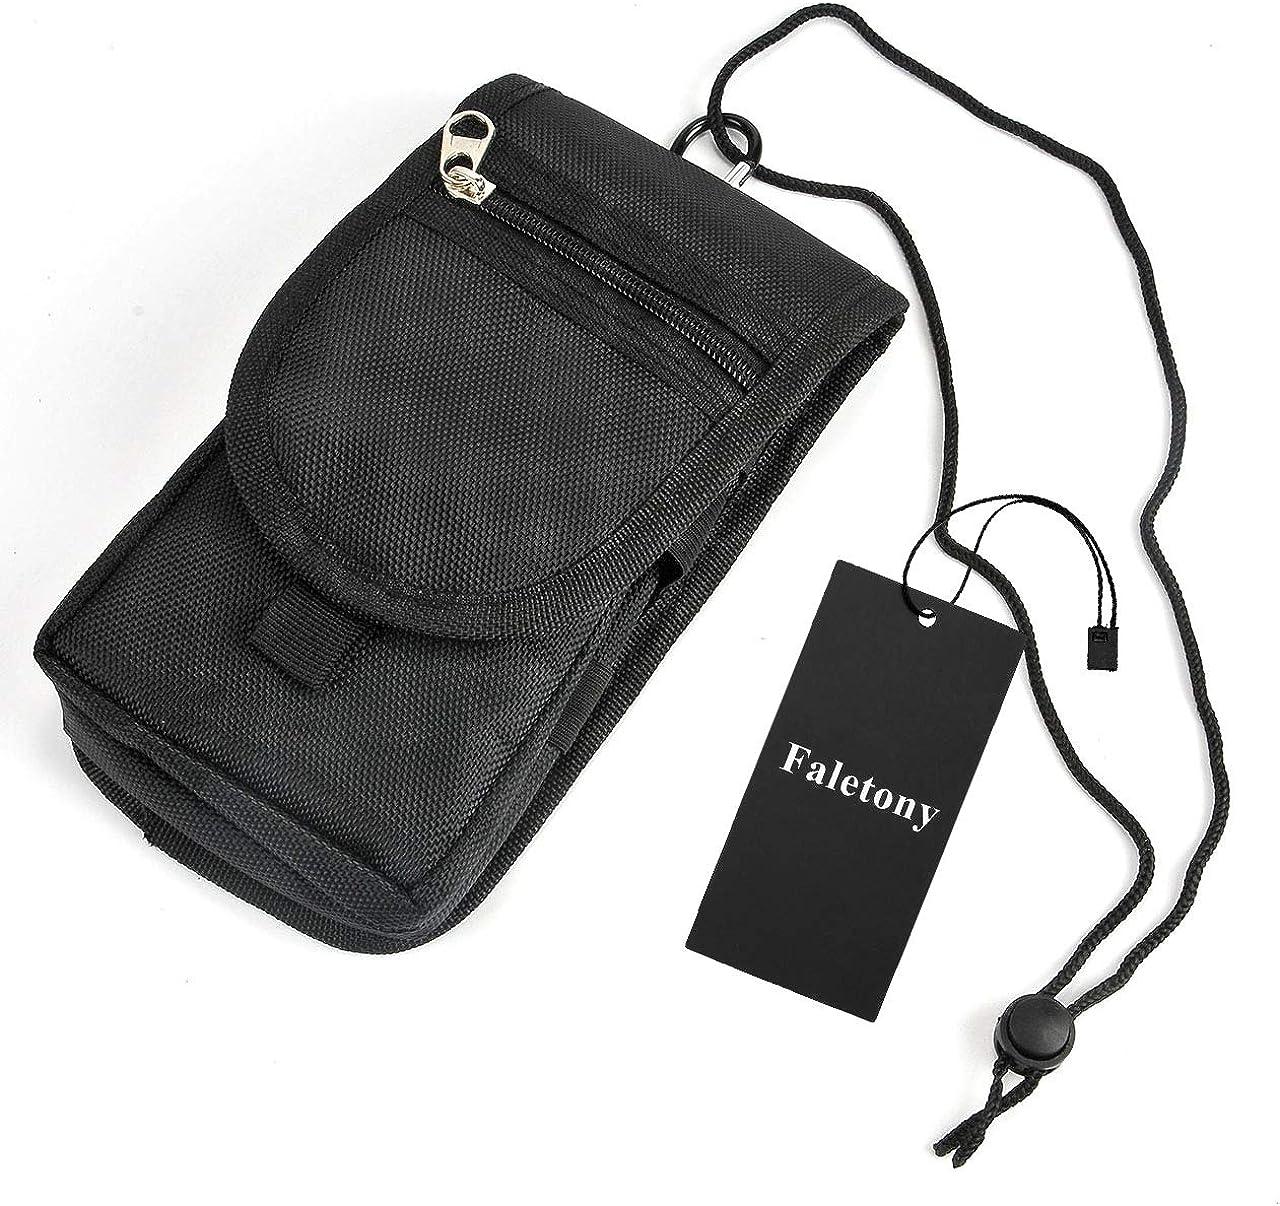 Molle Rip Away Erste Hilfe Tasche Gadget Utility Tasche für Weste oder